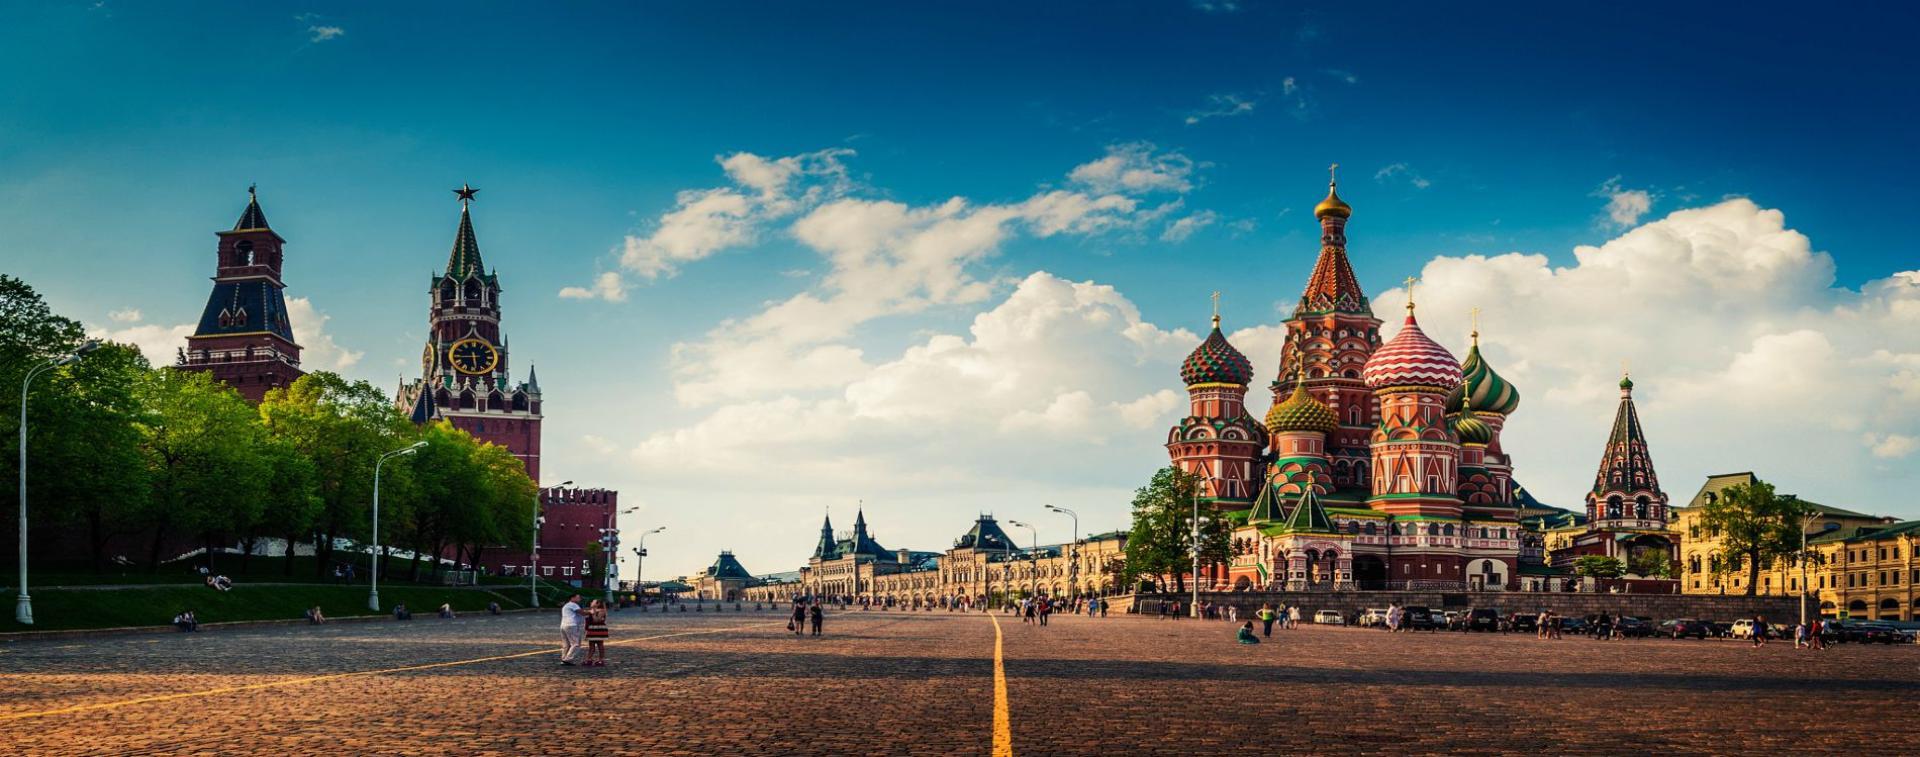 Basilius-Kathedrale-Moskau